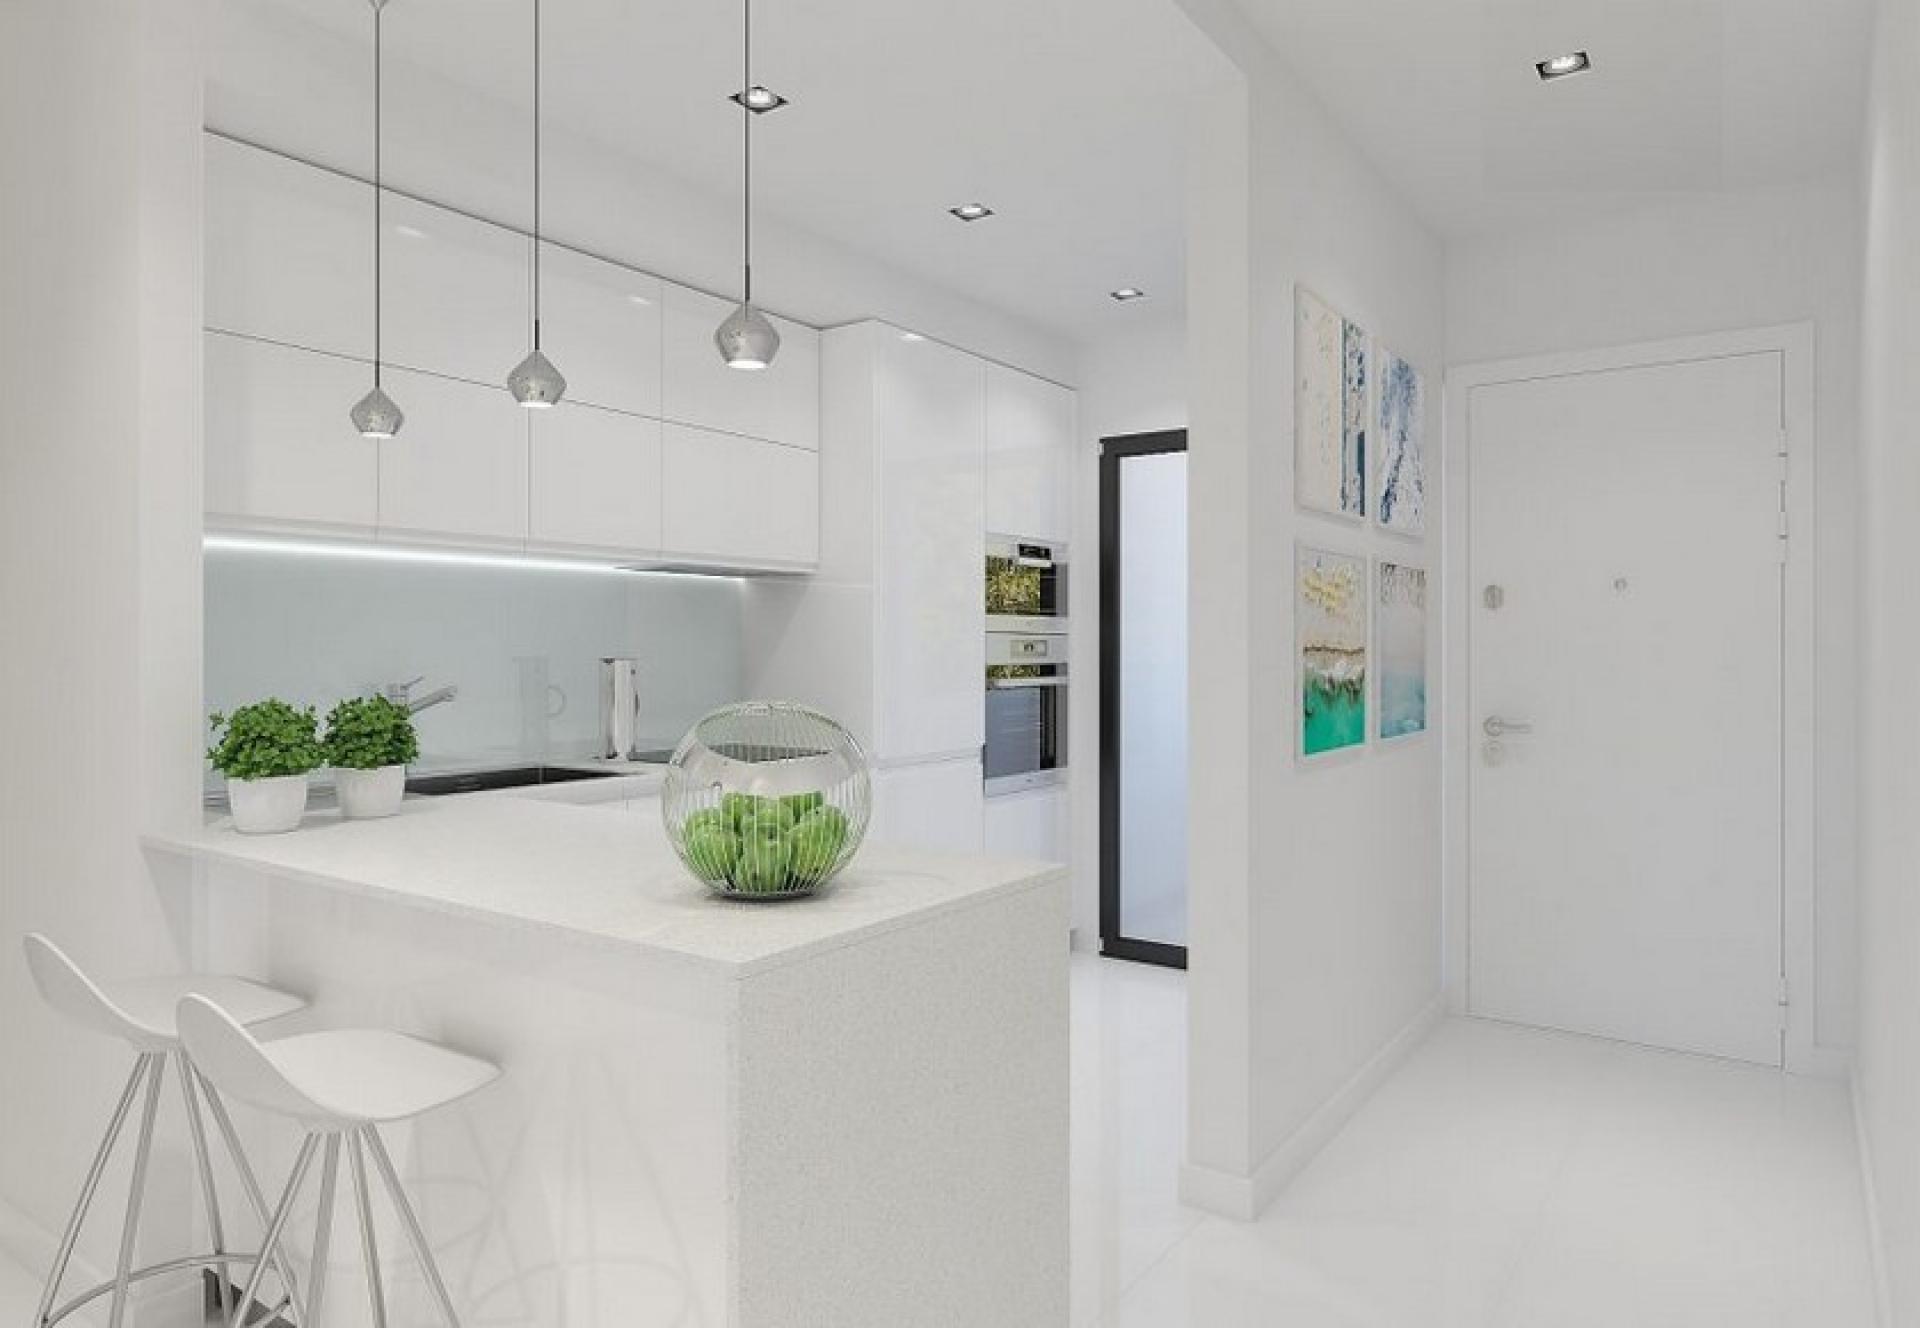 2 Slaapkamer Appartement met terras in Gran Alacant - Nieuwbouw in Medvilla Spanje